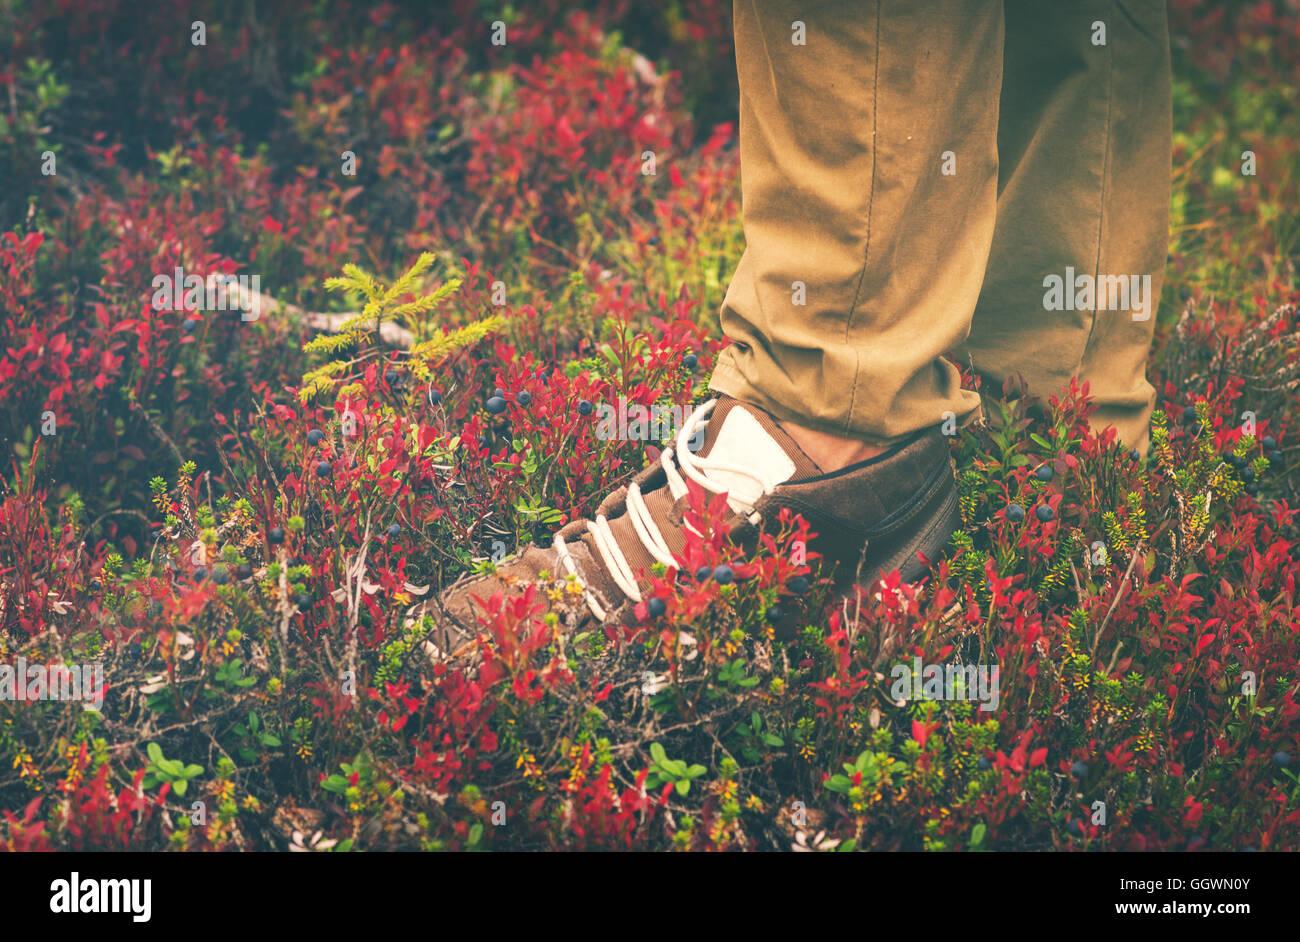 Piedi uomo Sneakers scarpe a piedi corsa Outdoor Lifestyle Moda stile alla moda natura foresta sullo sfondo Immagini Stock